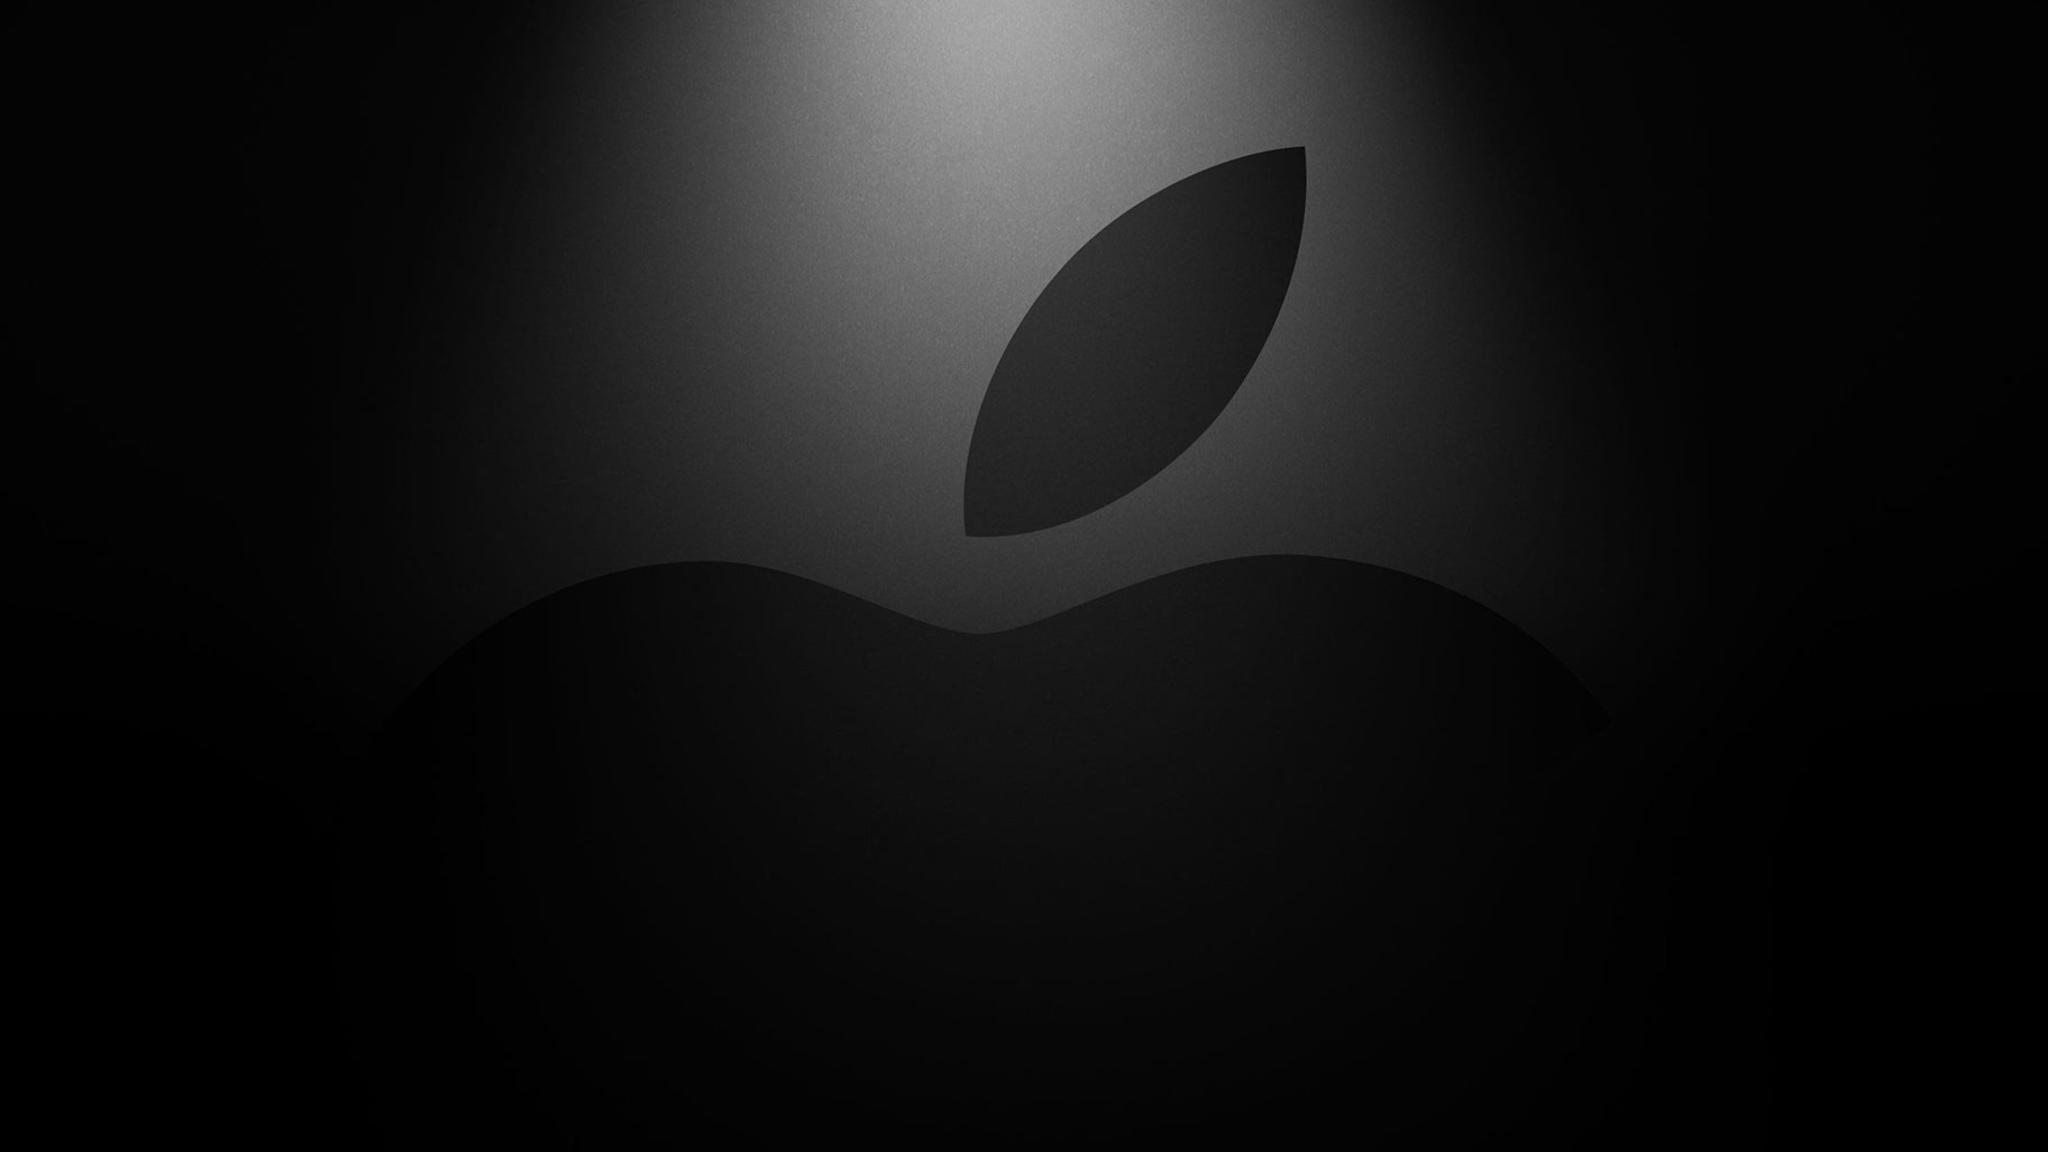 Am 25. März könnten wir erfahren, wann Apple mit seinem eigenen Streamingdienst startet.